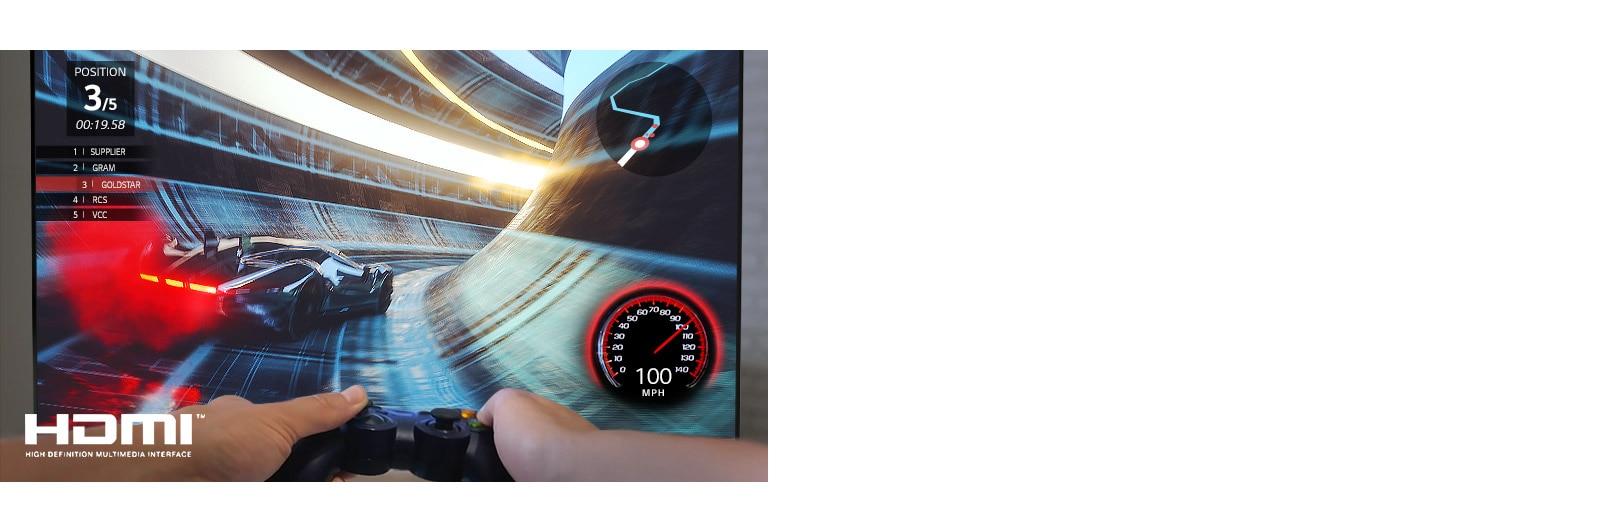 Зображення гравця, який грає в перегони на екрані телевізора, великим планом.